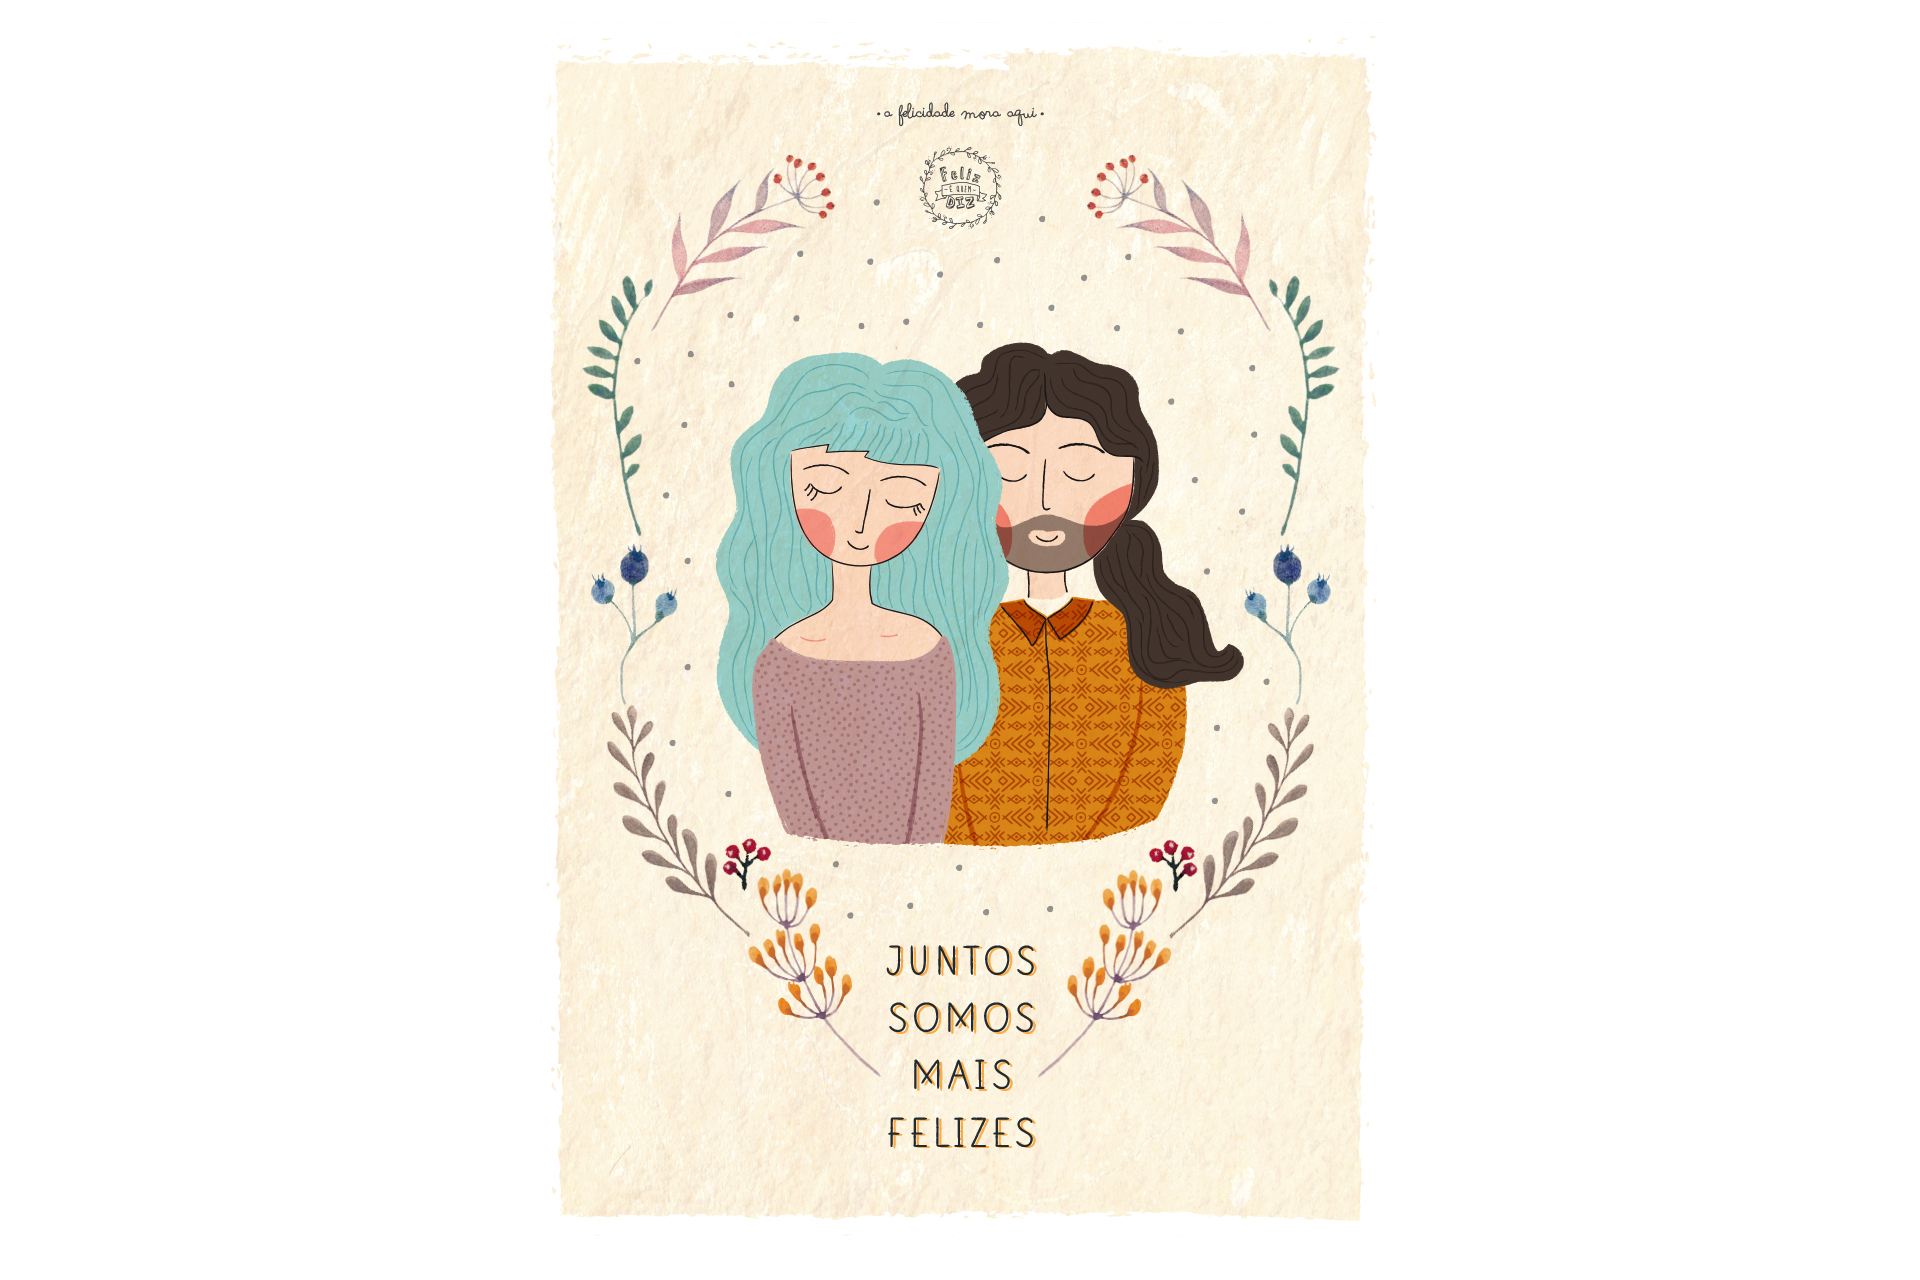 Ilustração personalizada de casal / família